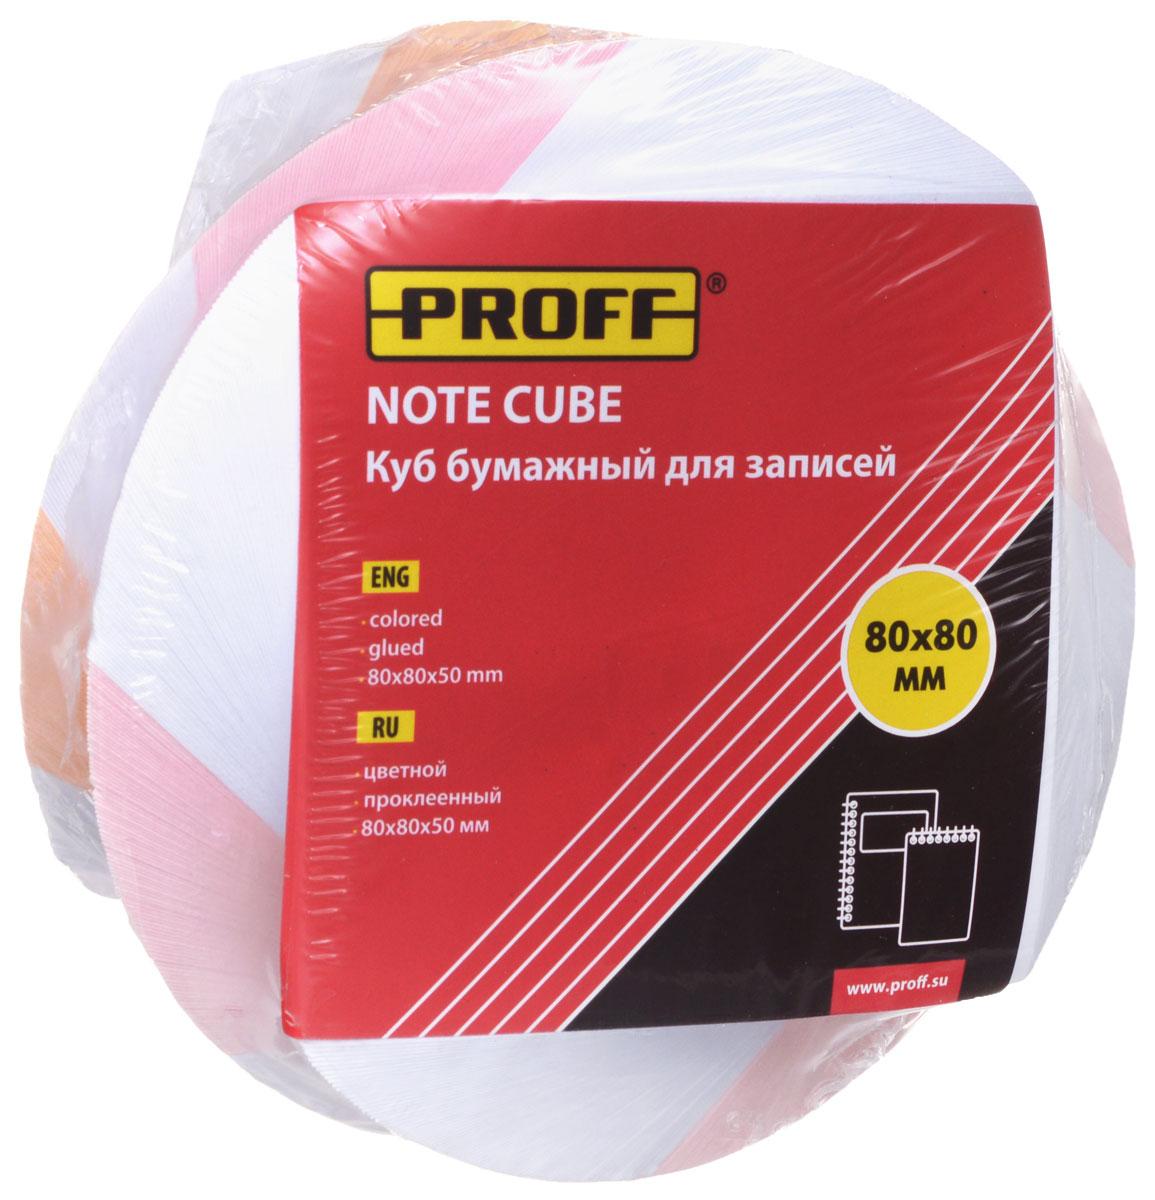 Proff Блок для записей цвет оранжевый розовый белый0703415Проклеенный блок для записей Proff - практичное решение для оперативной записи информации в офисе или дома. Блок состоит из листов разноцветной бумаги, что помогает лучше ориентироваться во множестве повседневных заметок.А яркий блок-кубик на вашем рабочем столе поднимет настроение вам и вашим коллегам!